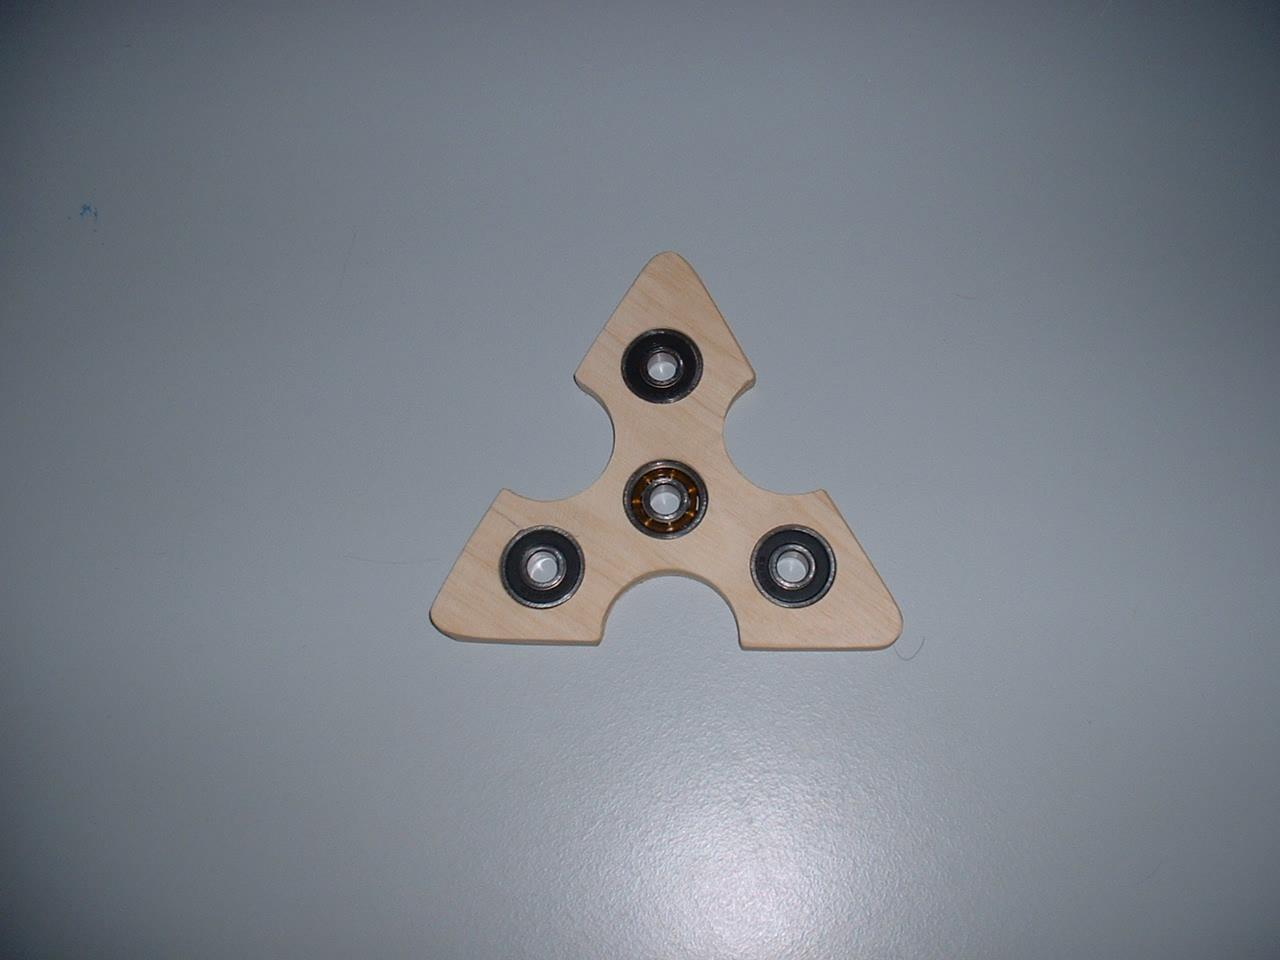 fidget spinner finger spinner drehkreisel aus holz mit kugellager gekaho. Black Bedroom Furniture Sets. Home Design Ideas